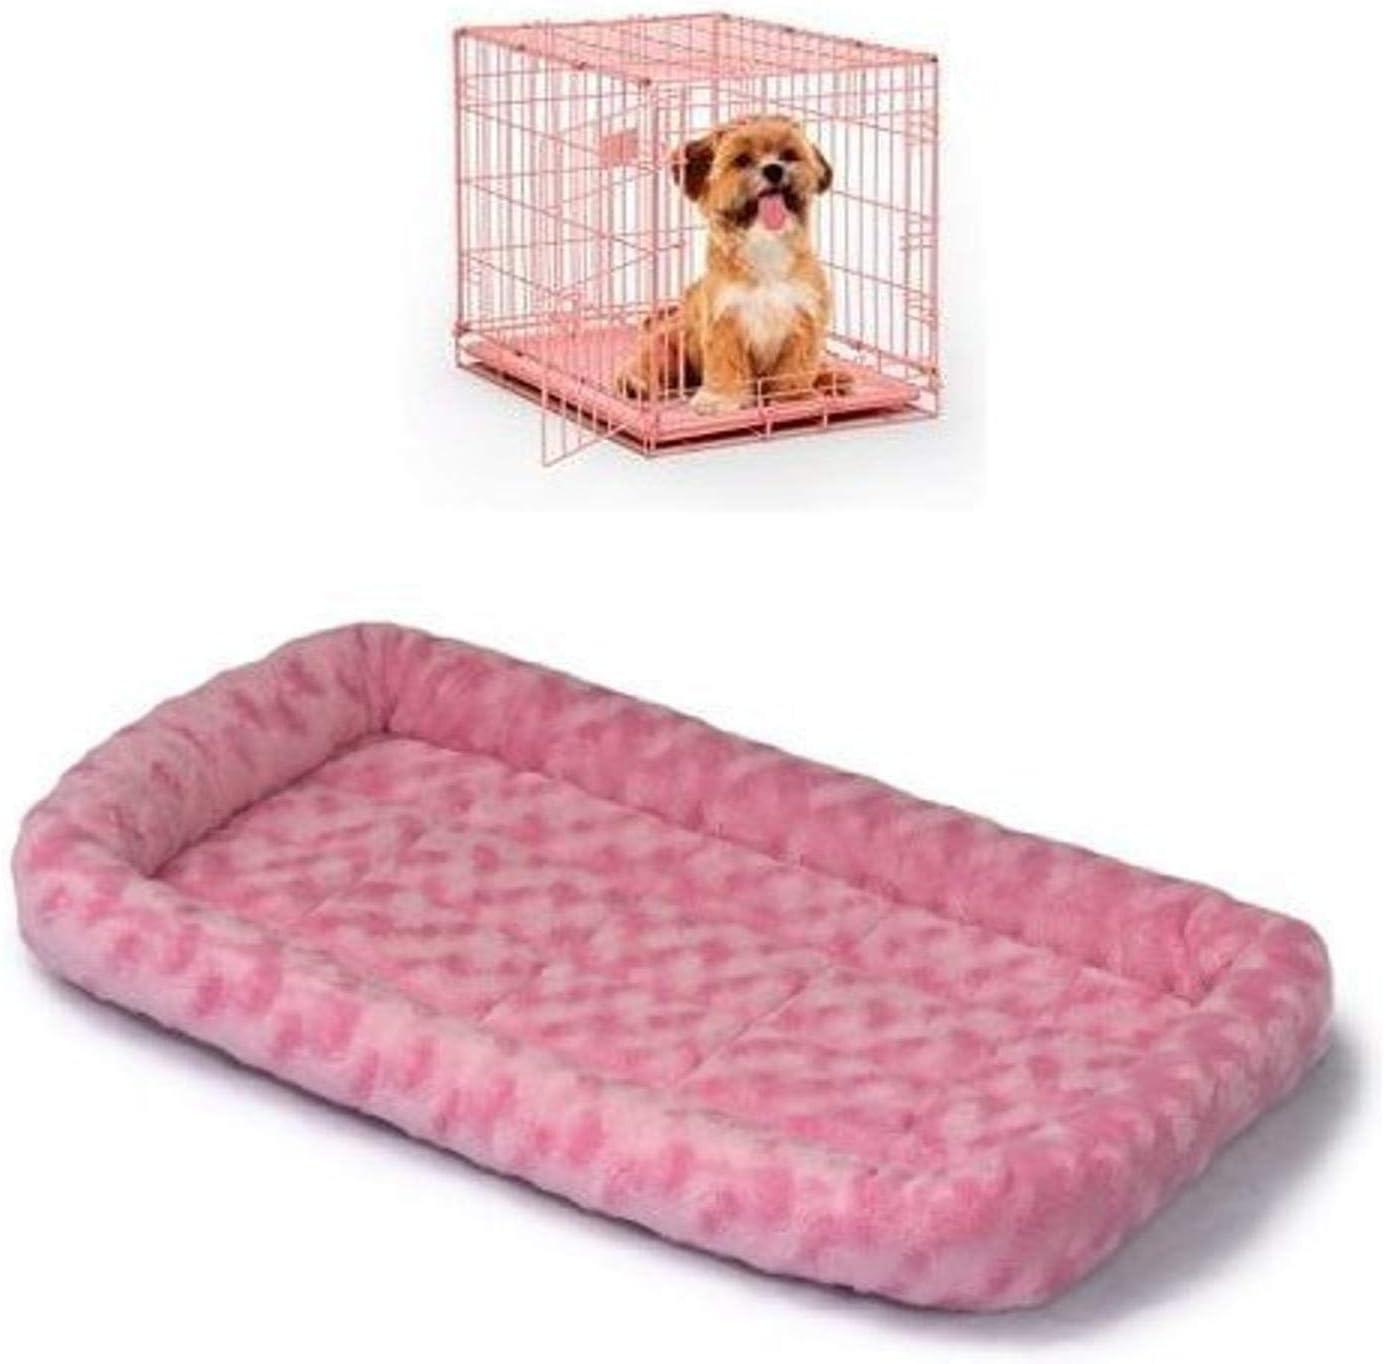 24-Inch Single Door iCrate with Fleece Bed, Pink